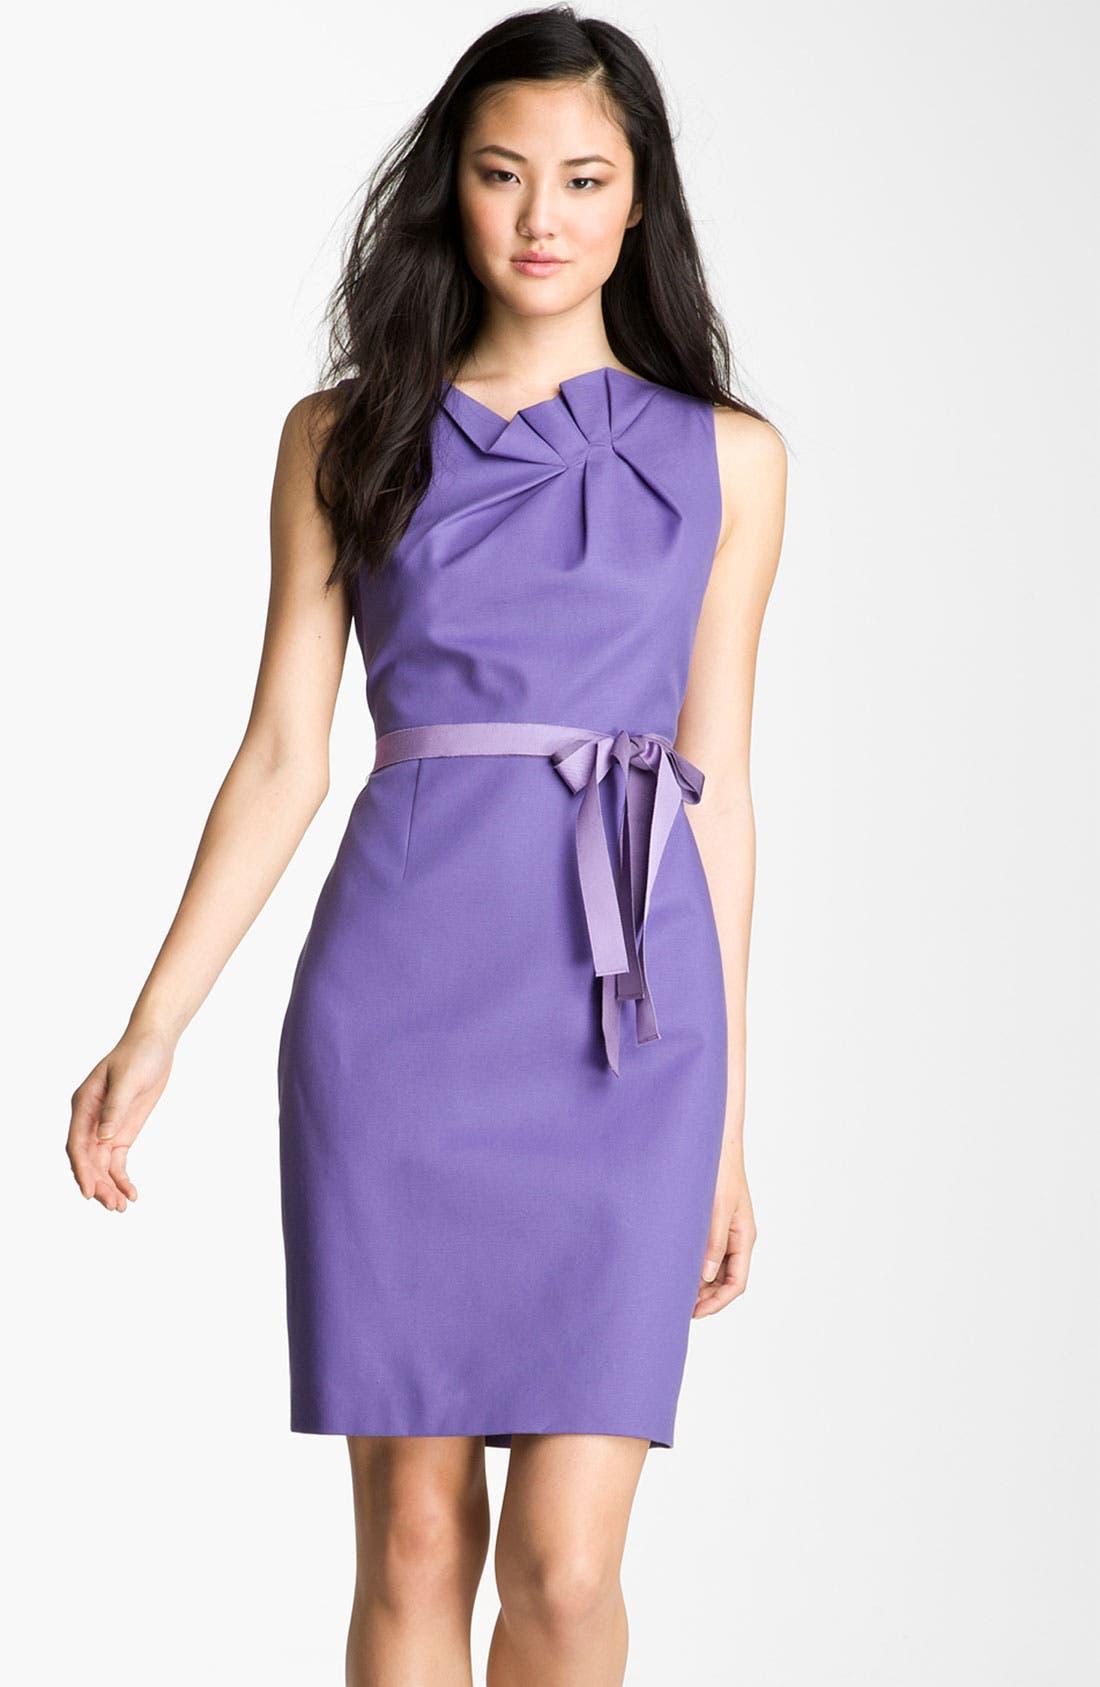 Alternate Image 1 Selected - T Tahari 'Sloan' Dress